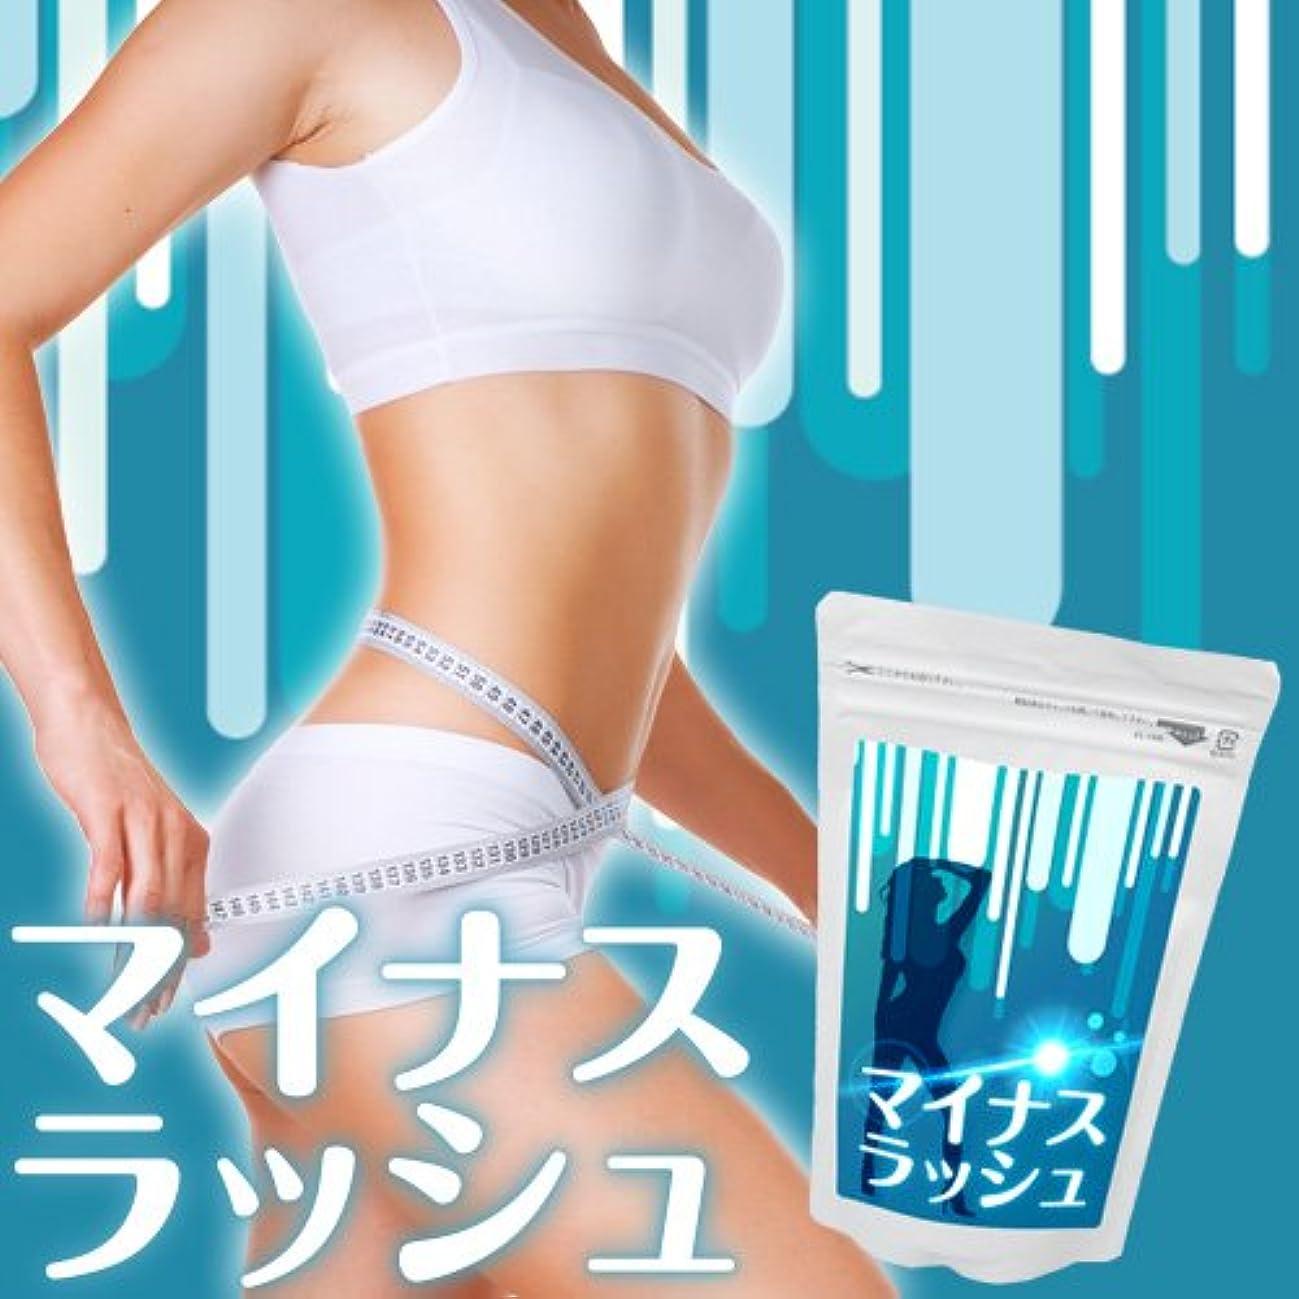 ボンド生分離minuslash - マイナスラッシュ - ダイエット ダイエットサプリ 糖質制限 送料無料